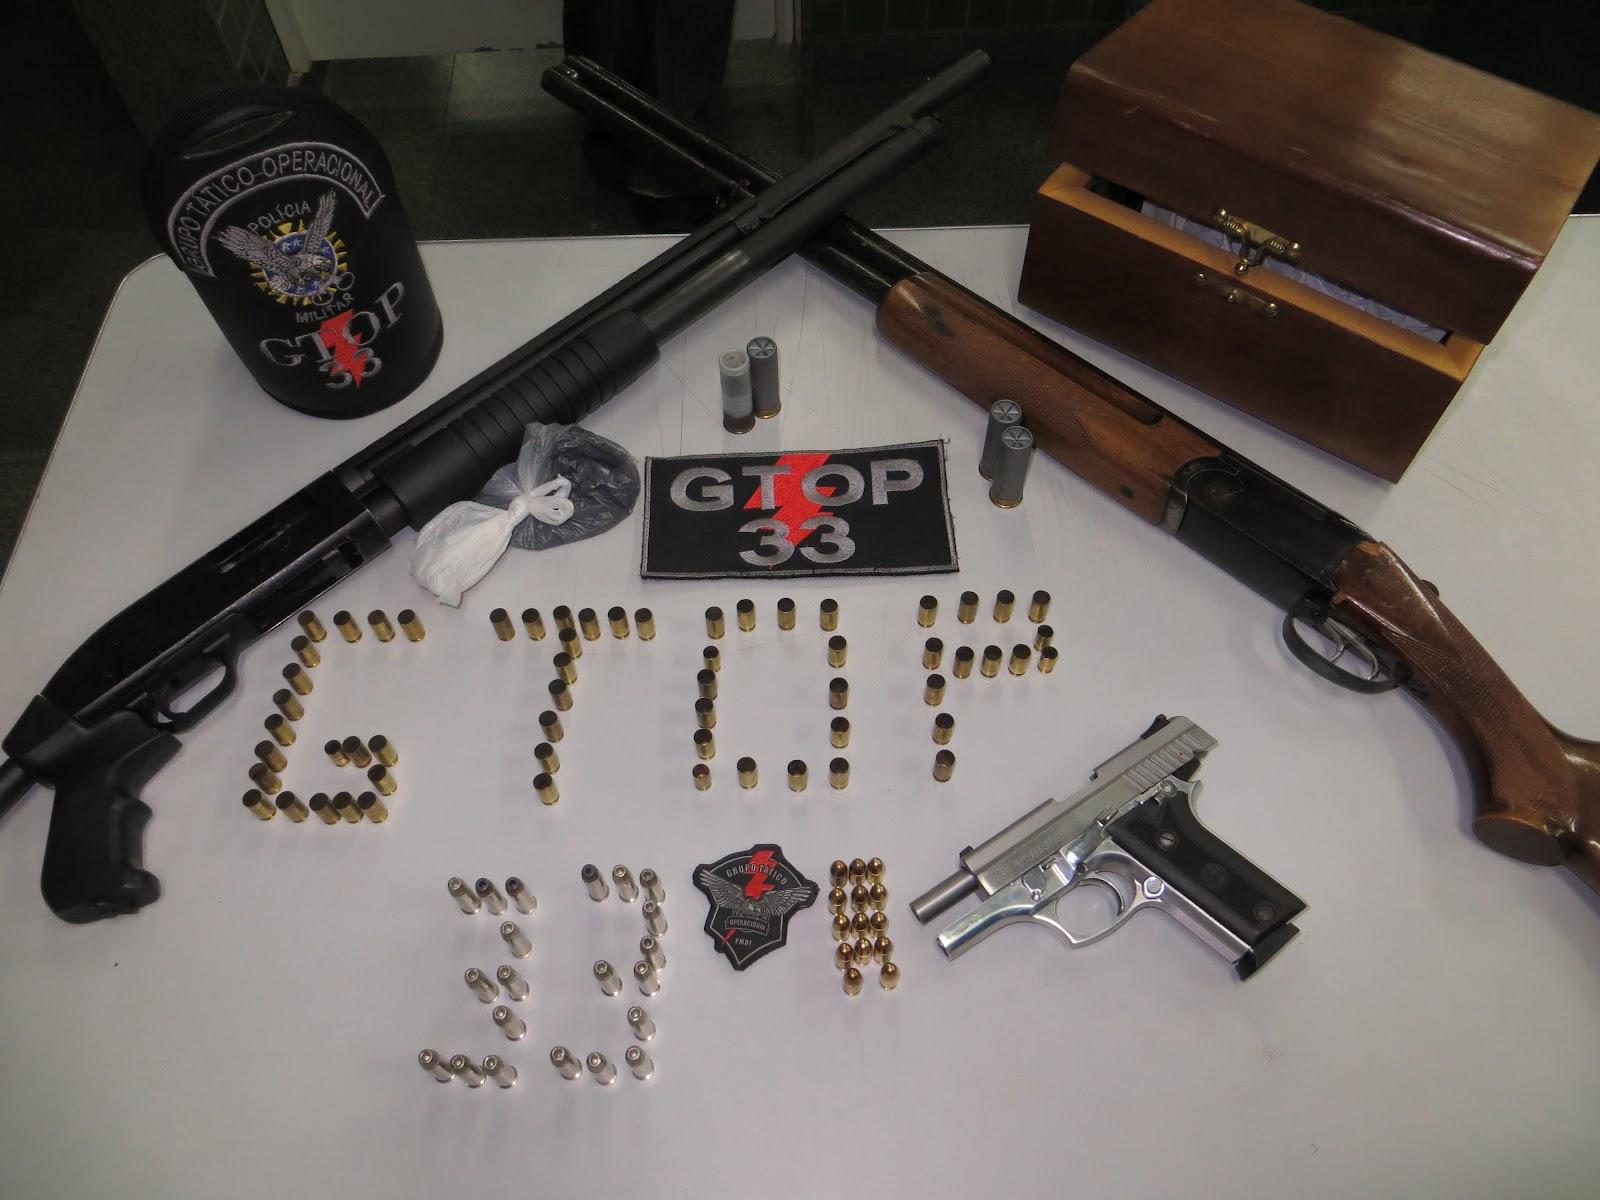 Armario Embutido Quarto Pequeno ~ Informativo FLAGRANTE GTOP 33 APREENDE TR u00caS ARMAS DE FOGO EM SOBRADINHO